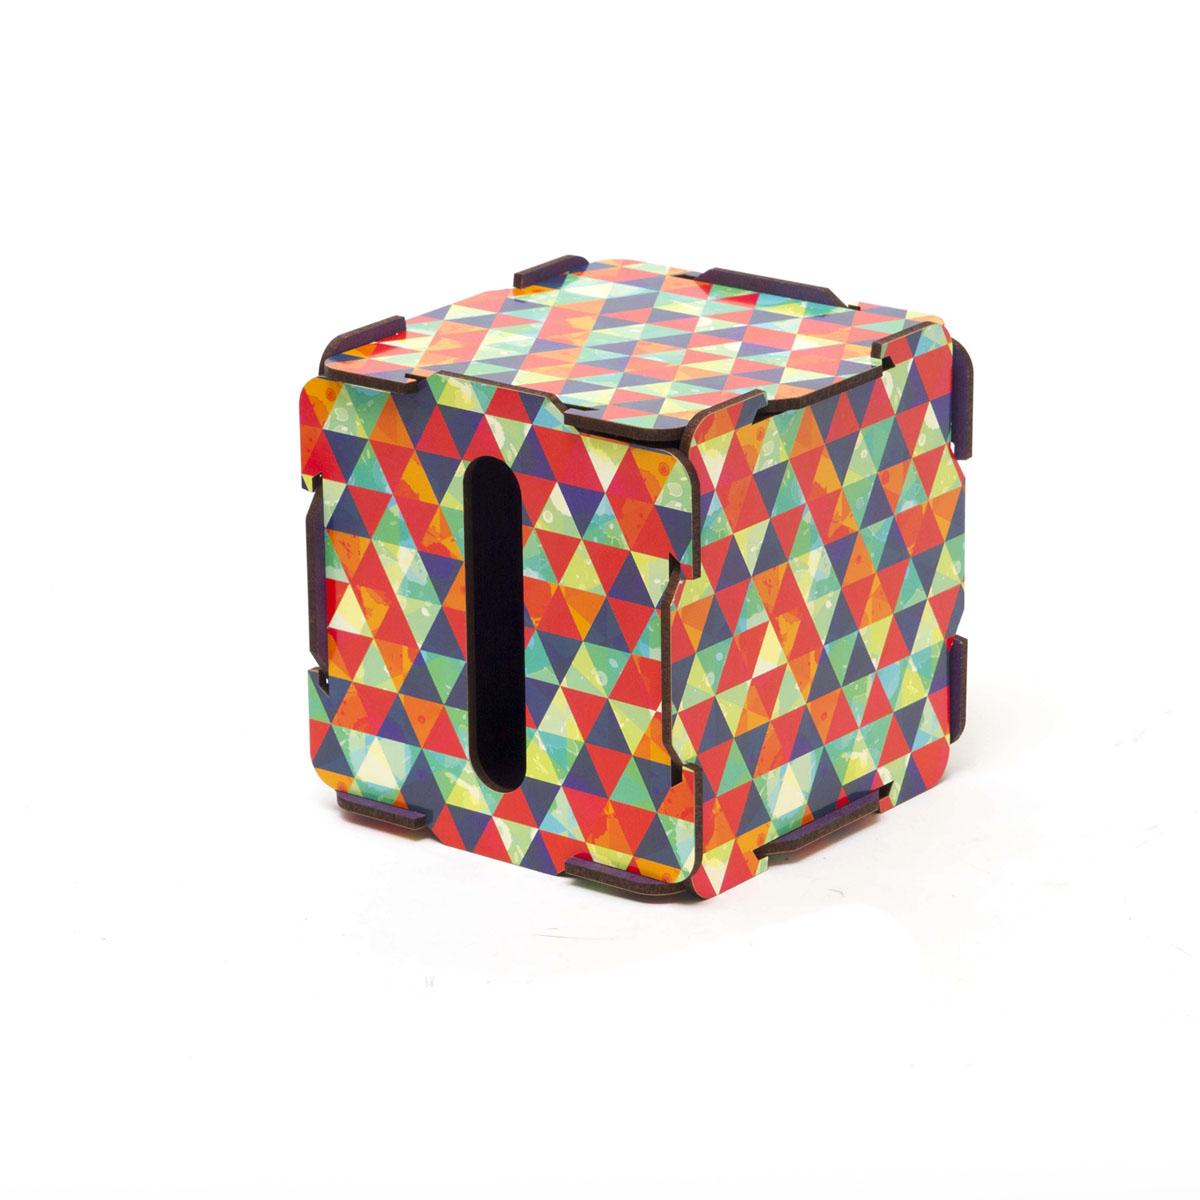 Органайзер настольный Homsu Треугольник, 13,5 x 13,5 x 13,5 смHOM-84Органайзер настольный Homsu Треугольник выполнен из МДФ. Настольный органайзер в прямоугольной форме - это способ хранения салфеток, но и других принадлежностей. Яркий дизайн поднимает настроение и радует своими необычными оттенками.